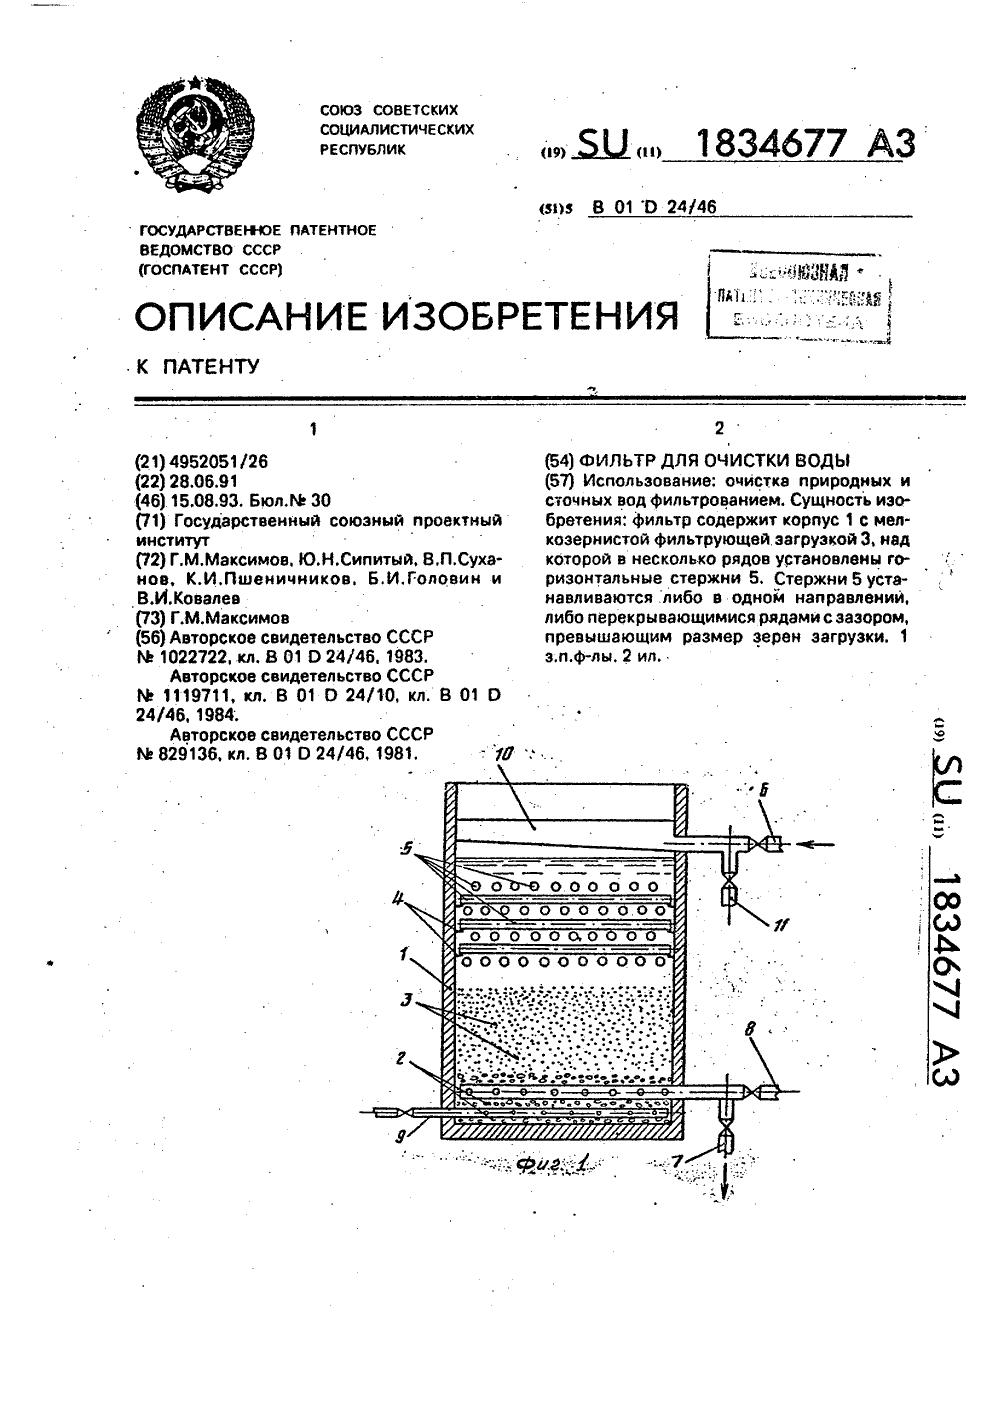 схема фильтра на кбп-ф конденсаторах